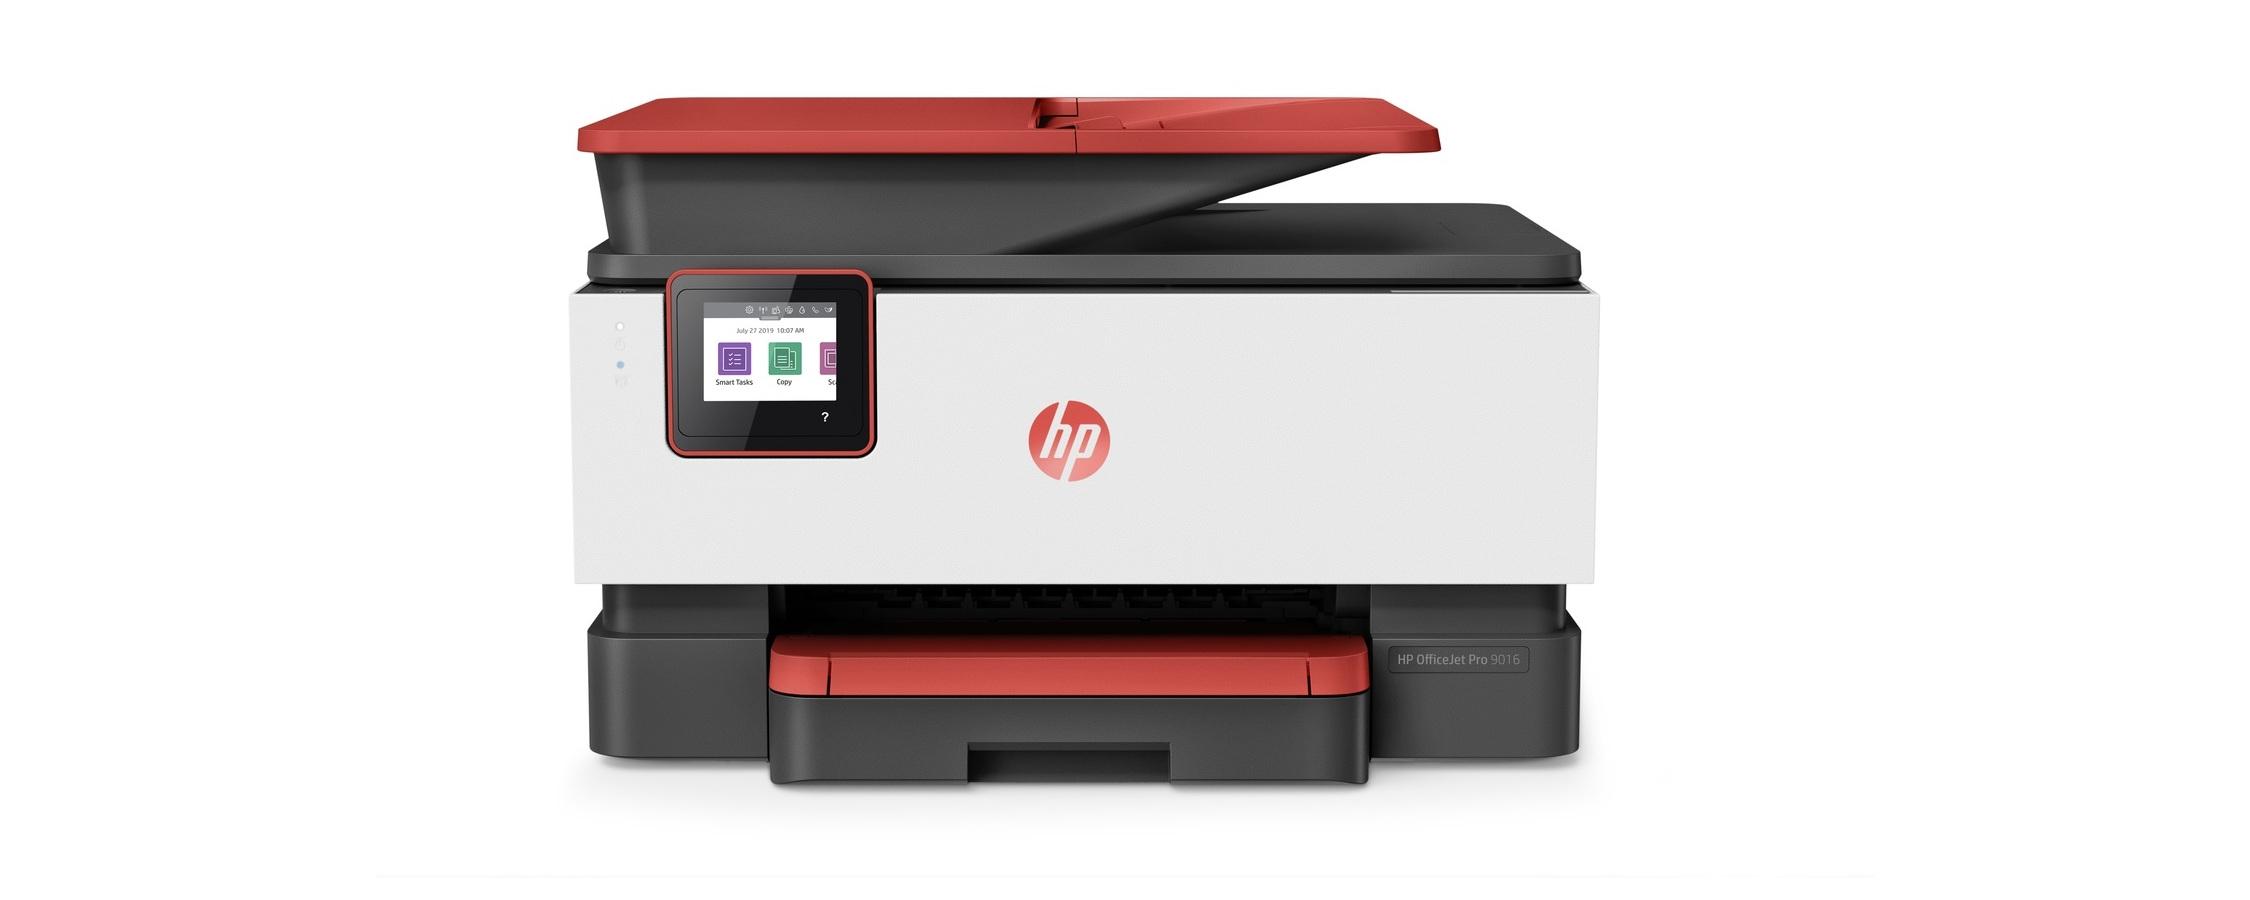 Cartuchos HP OfficeJet Pro 9016